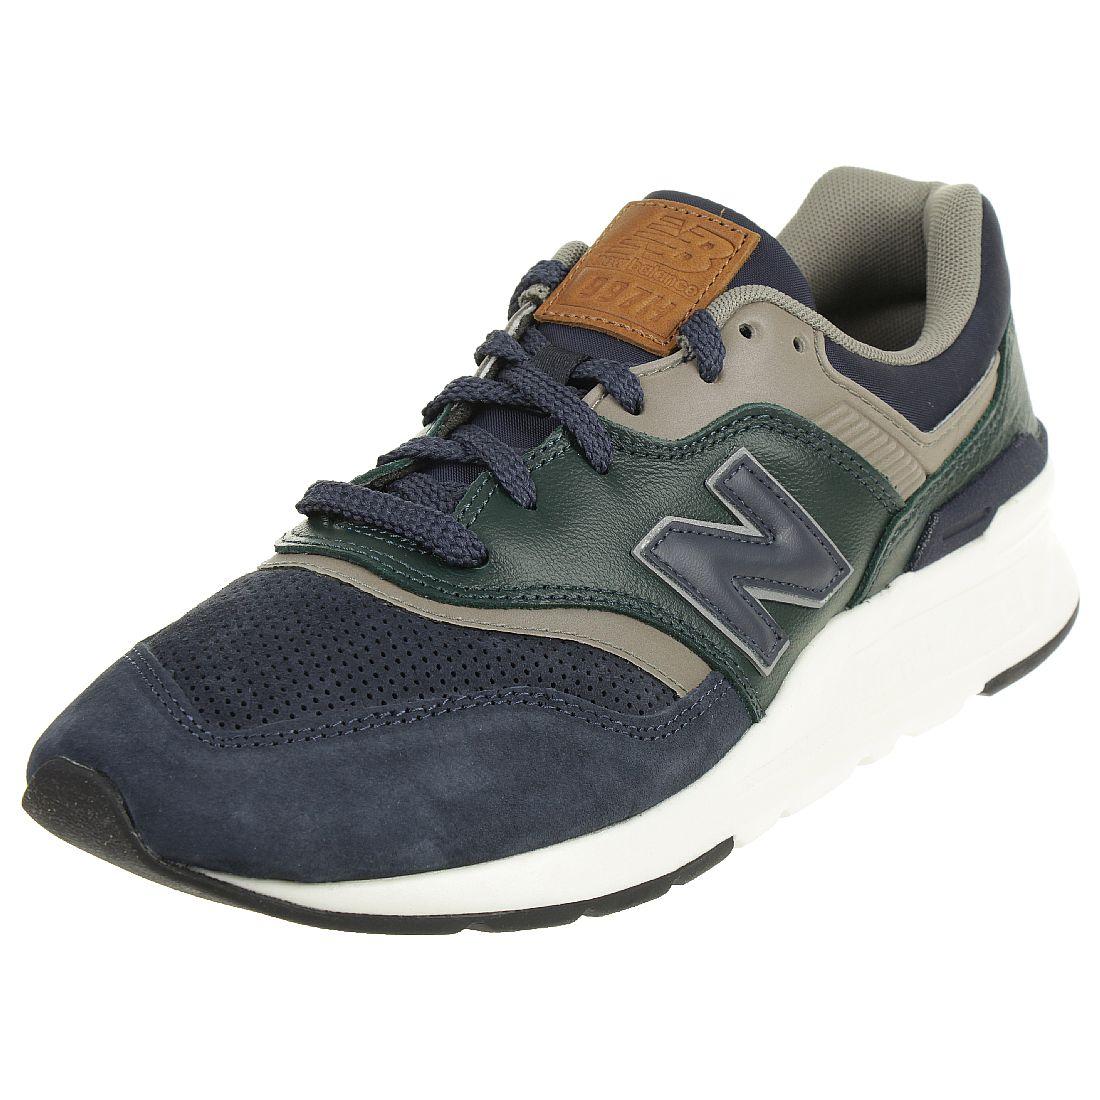 New Balance CM997 HXB Sneaker Herren Schuhe Blau/Grün ...